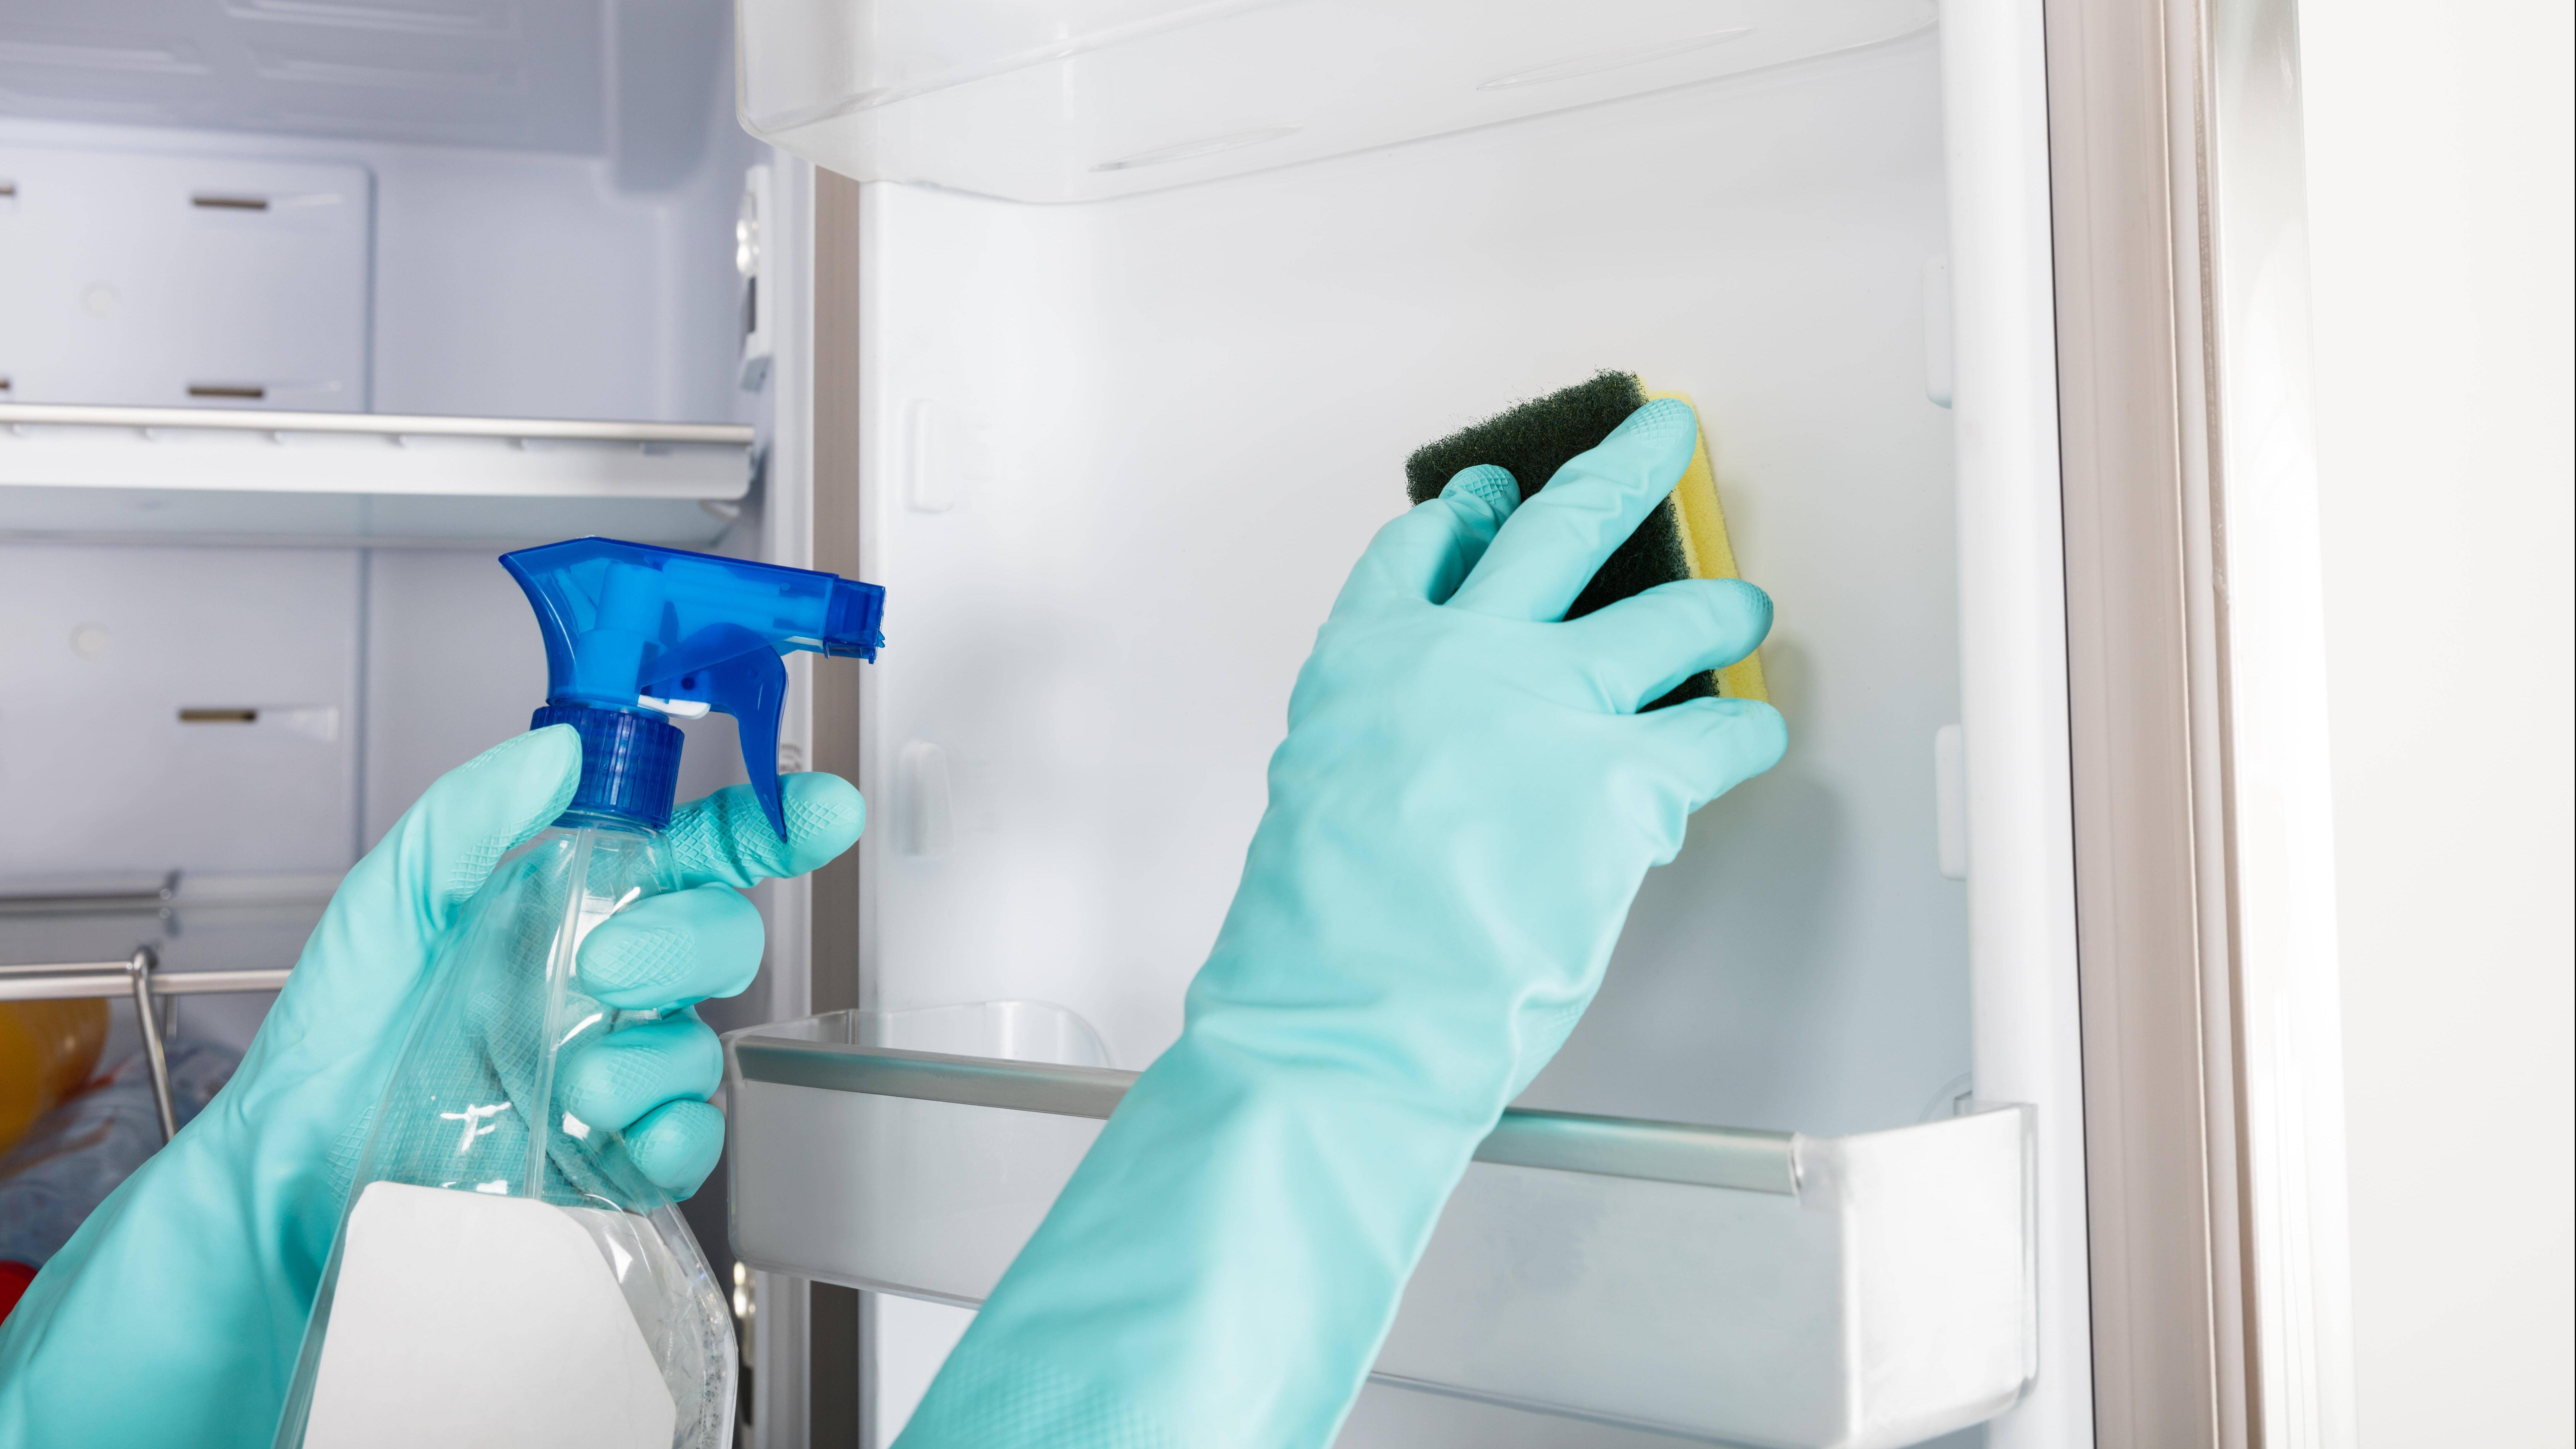 Kühlschrank putzen ohne Abtauen: So klappt's